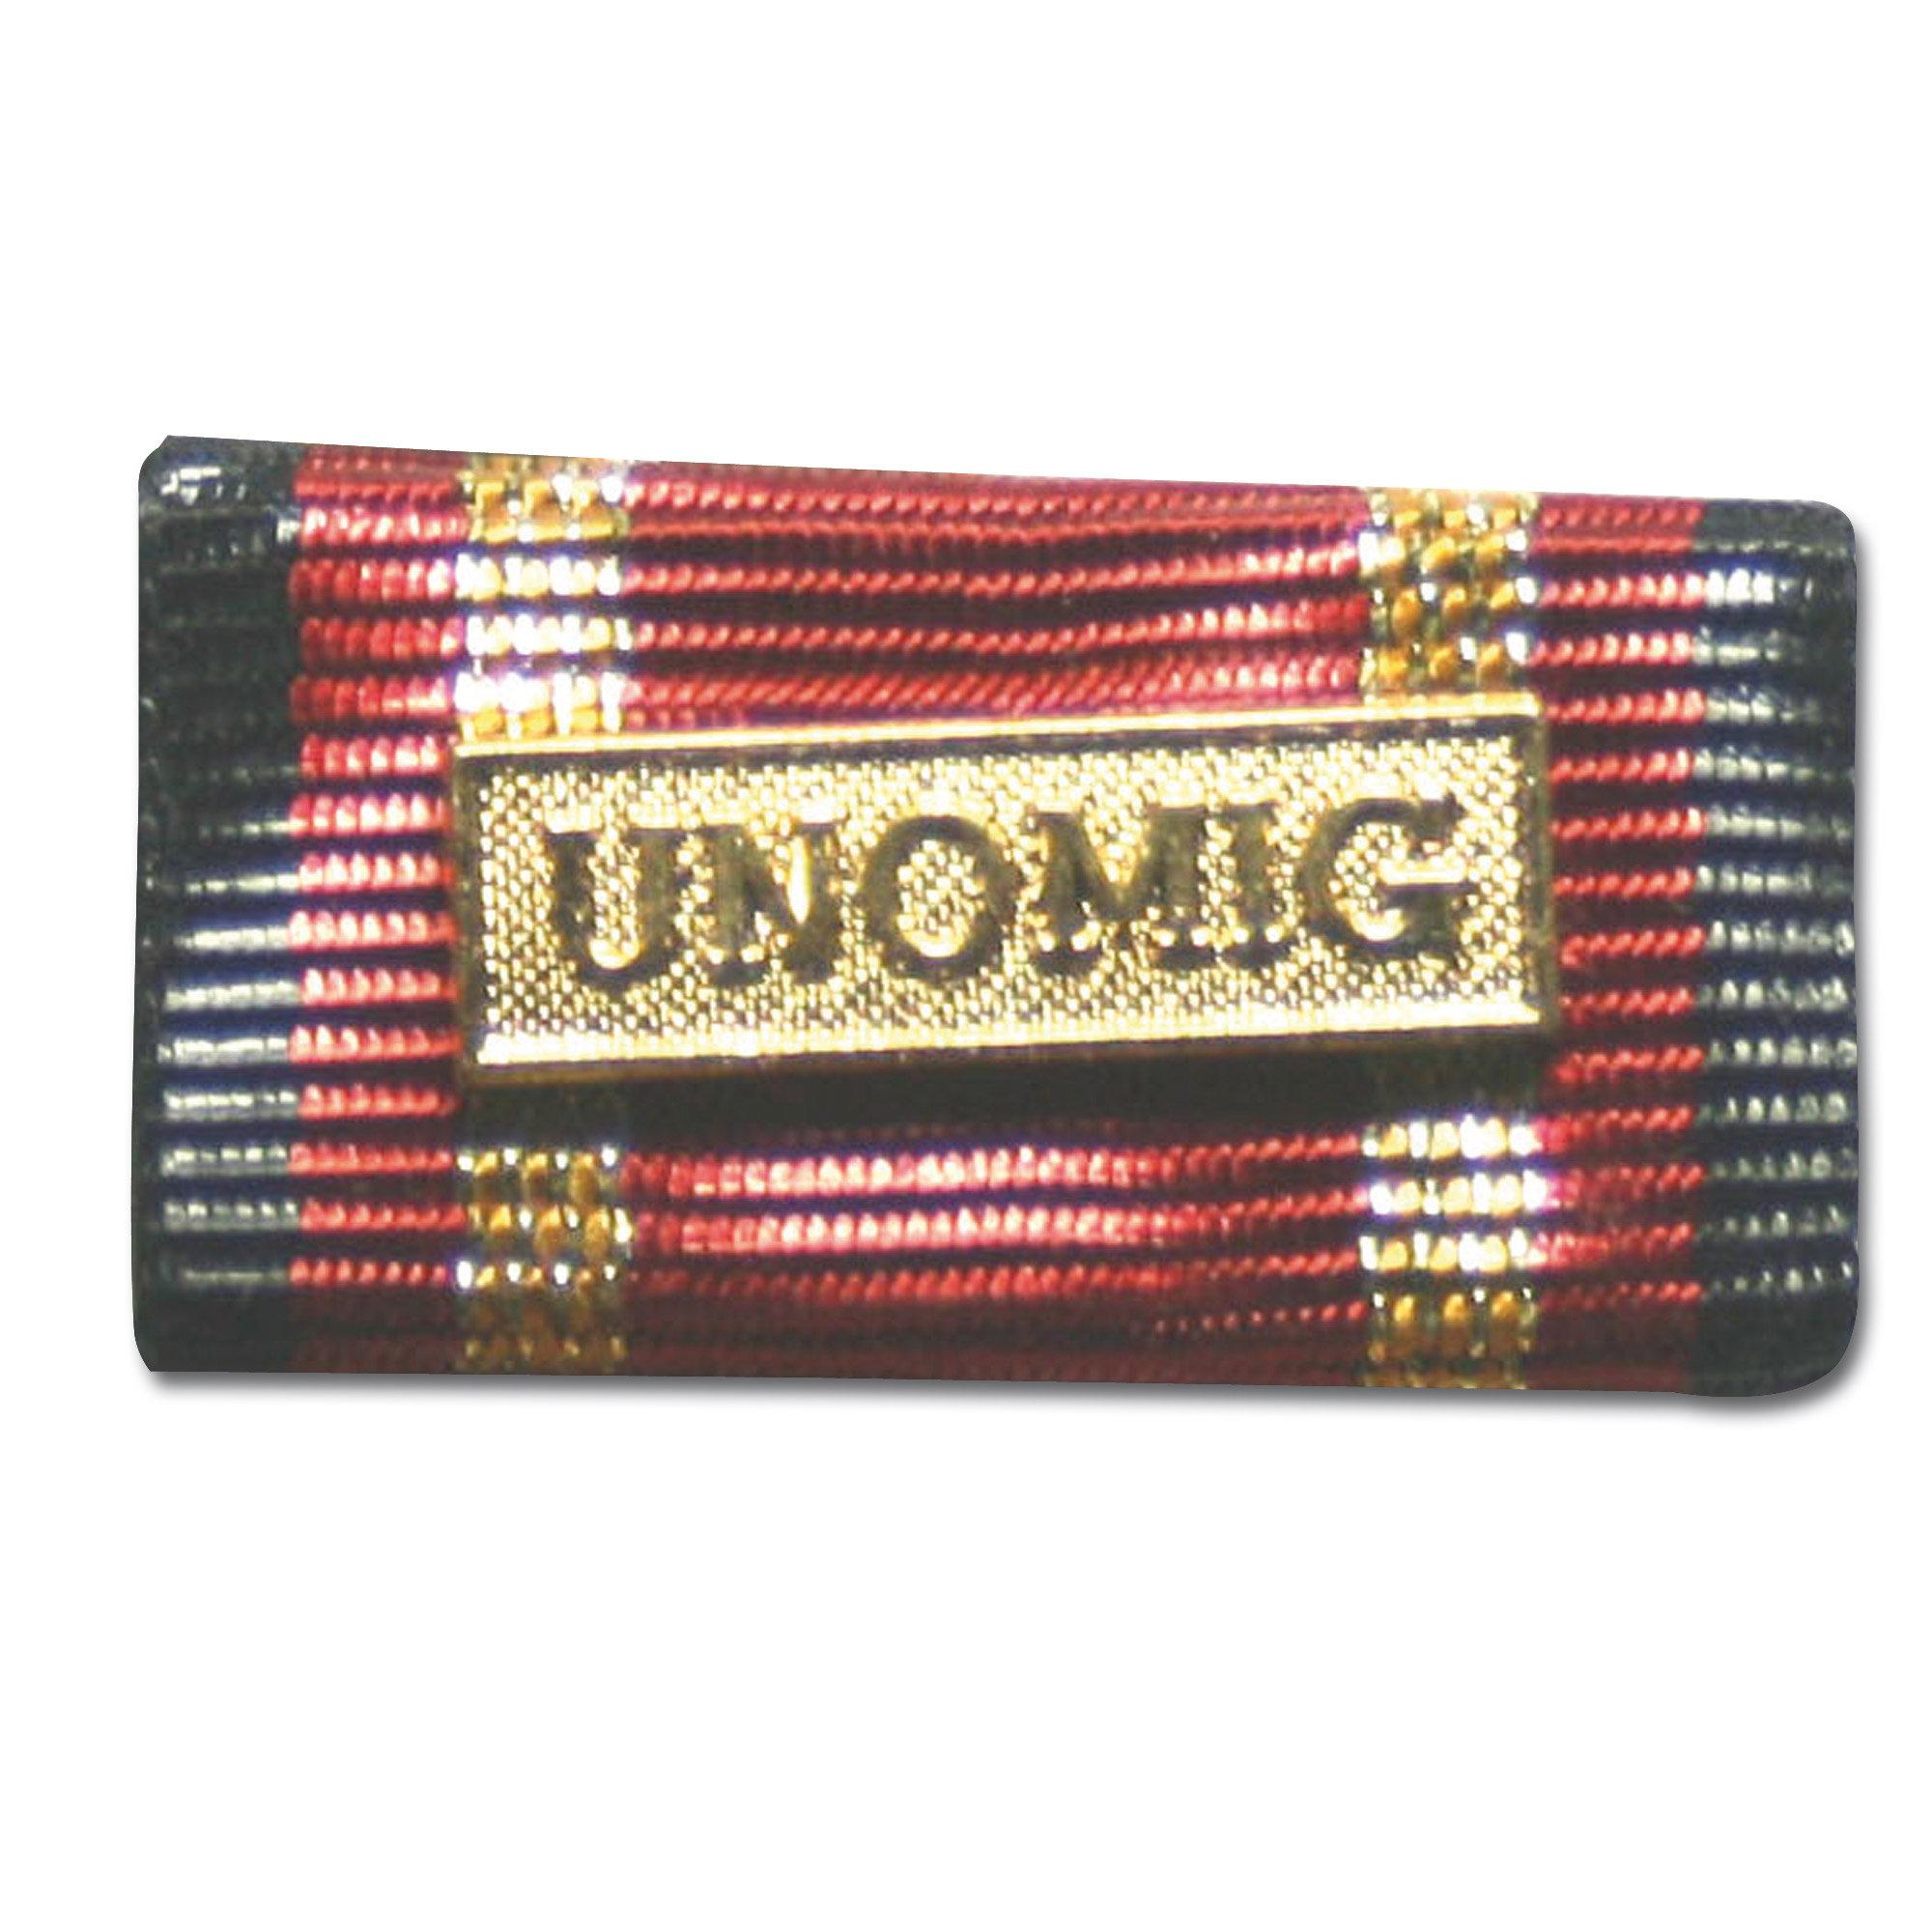 Ordensspange Auslandseinsatz UNOMIG gold